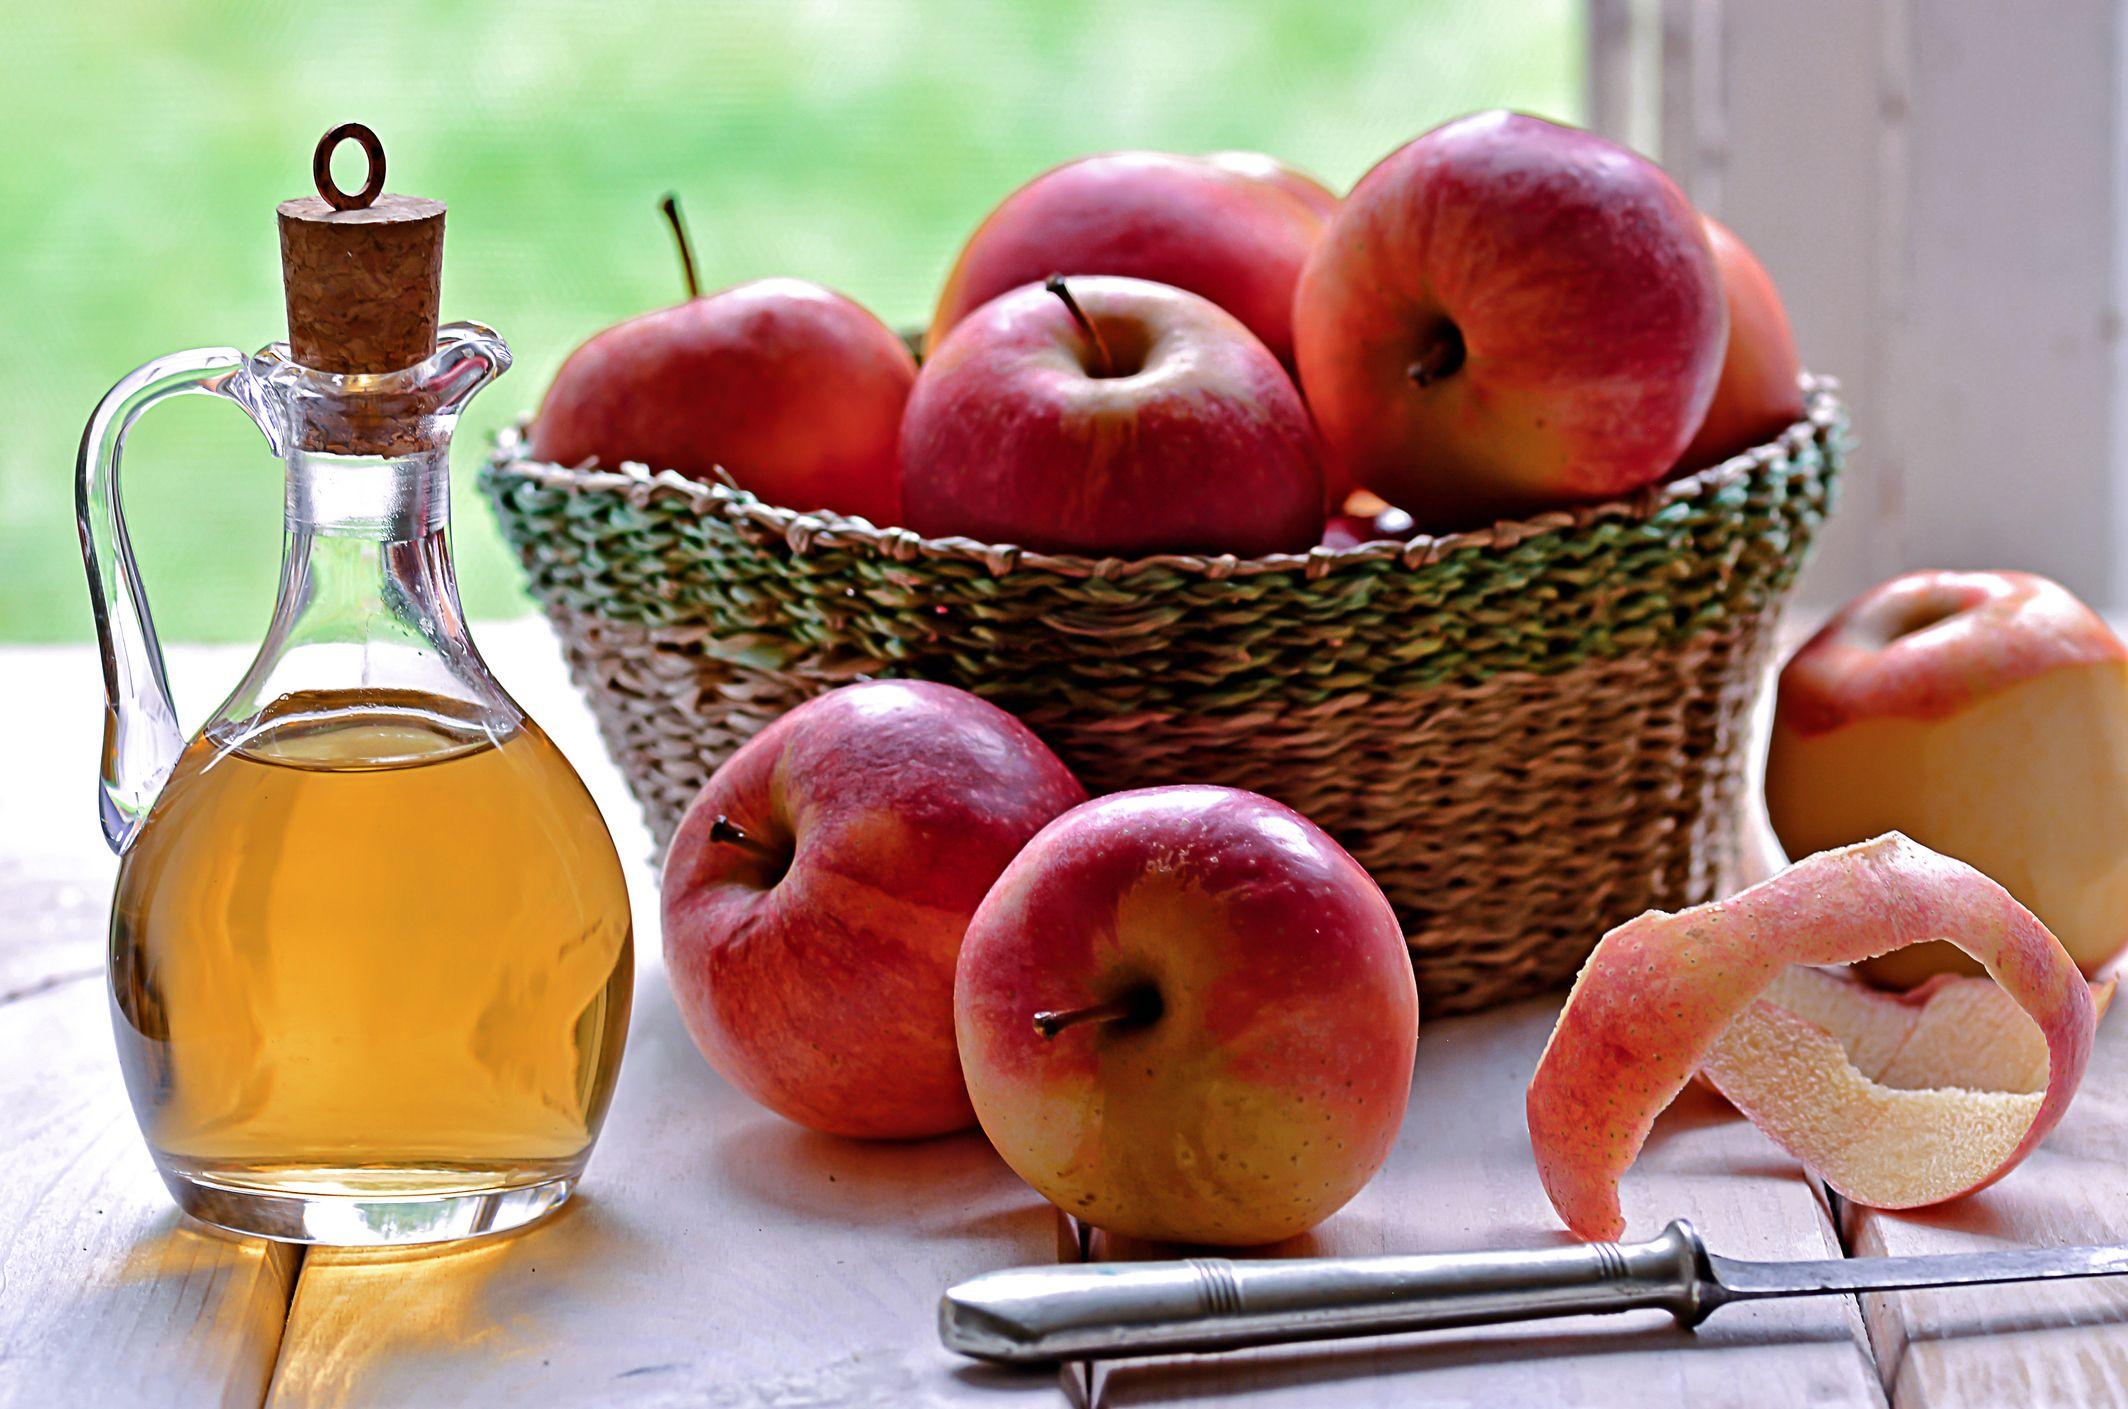 Cuanto debo tomar de vinagre de manzana para adelgazar